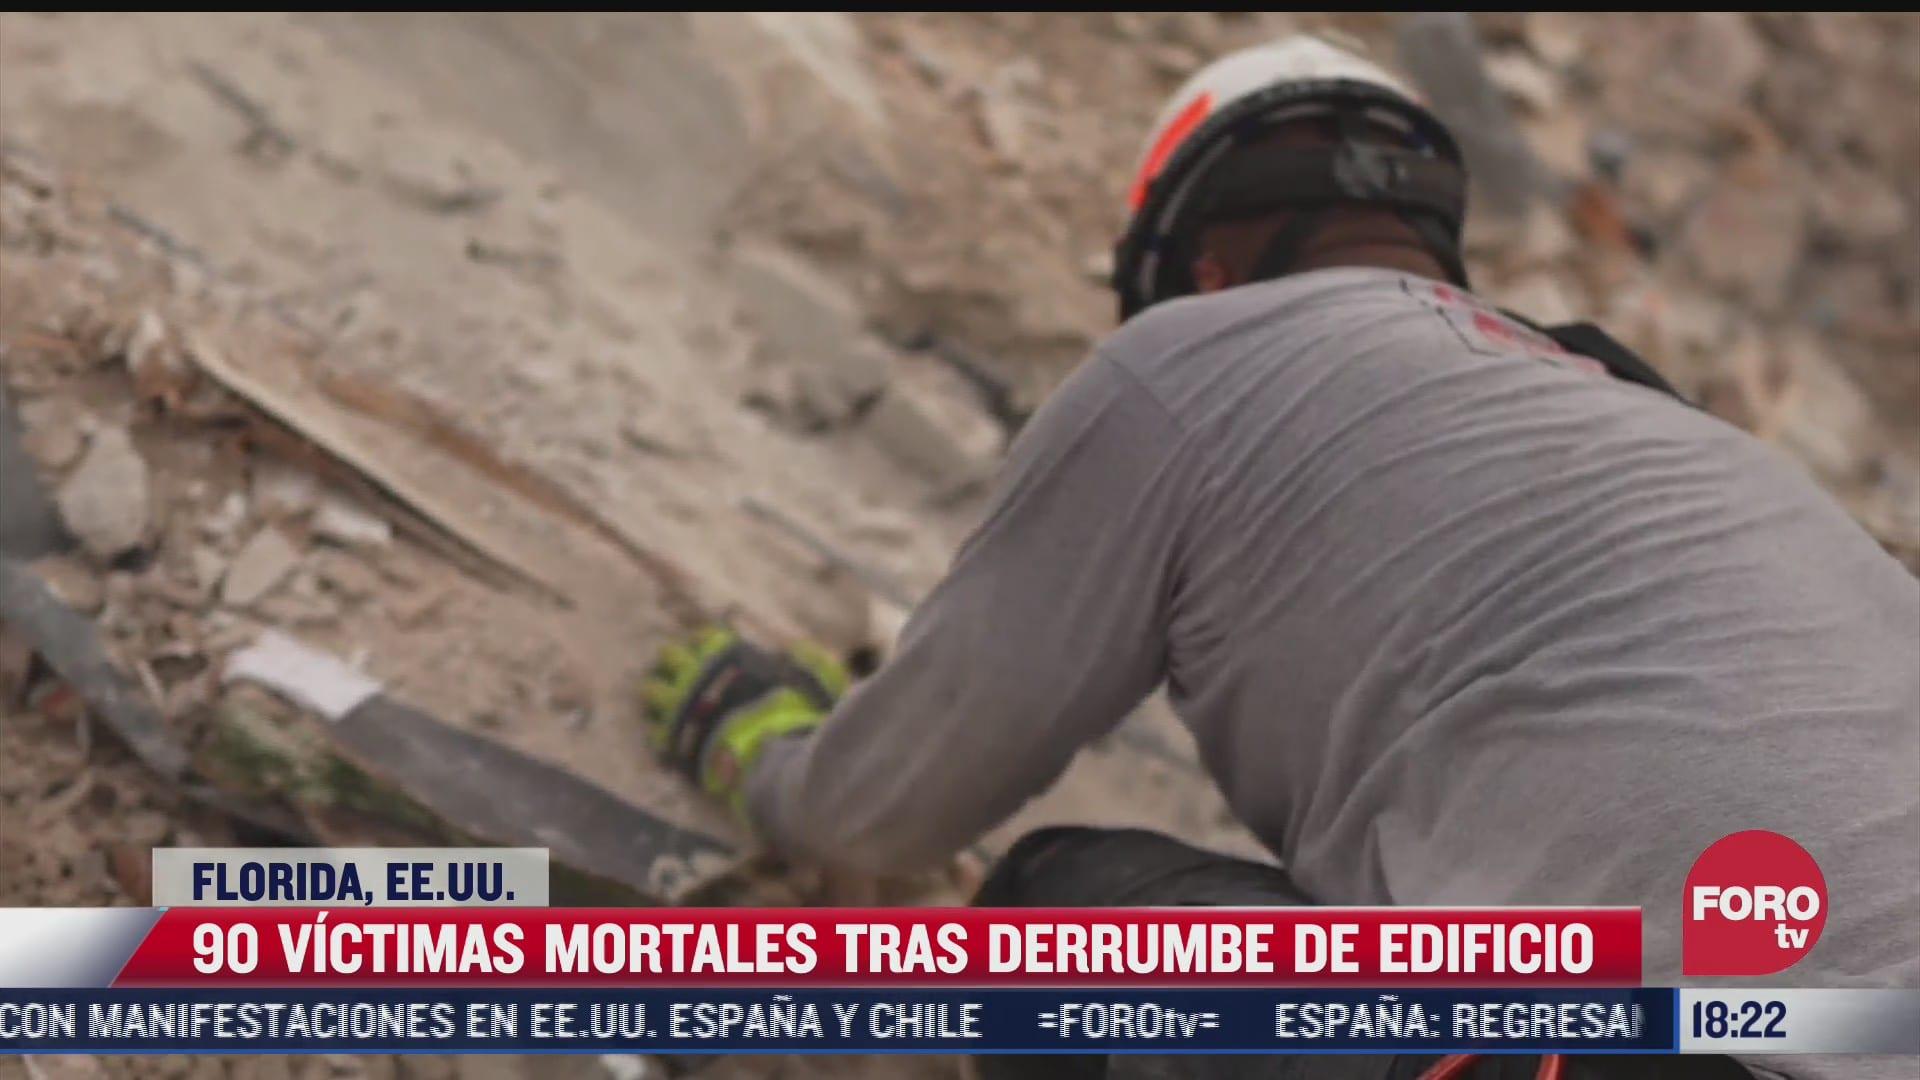 90 victimas mortales tras derrumbe de edificio en florida eeuu